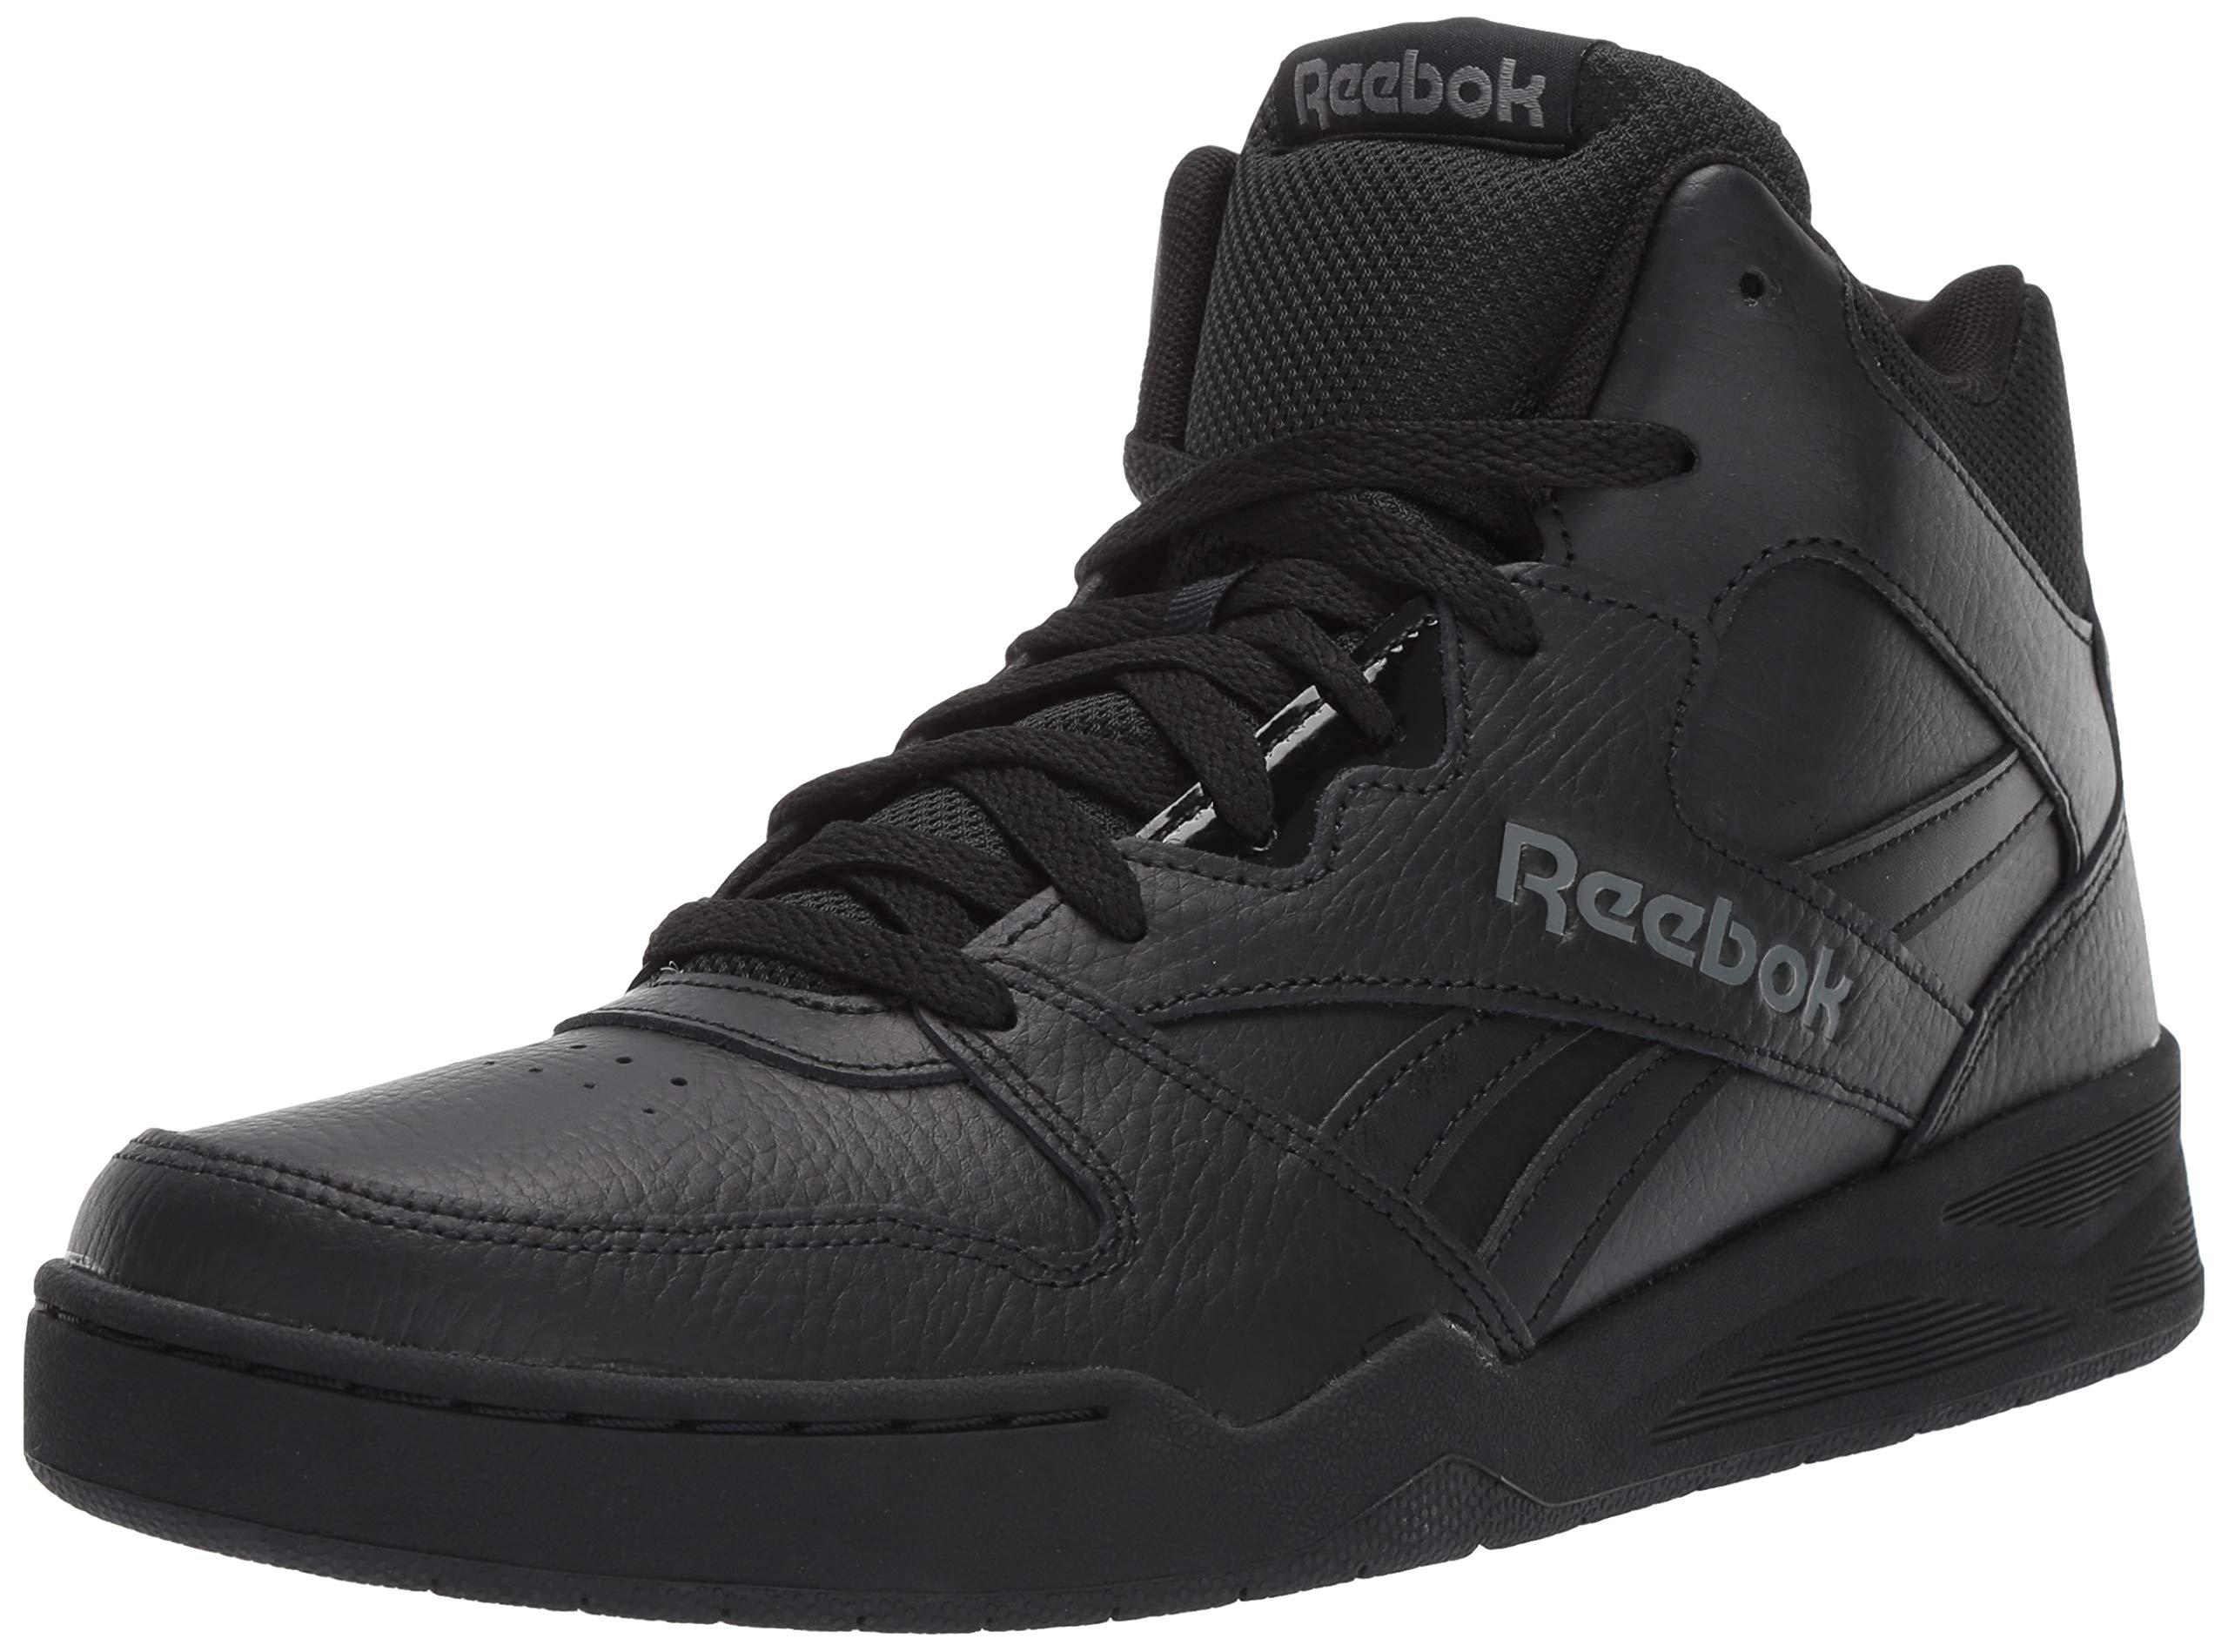 Reebok Men's Royal BB4500H2 XW Walking Shoe, Black/Alloy, 10.5 M US by Reebok